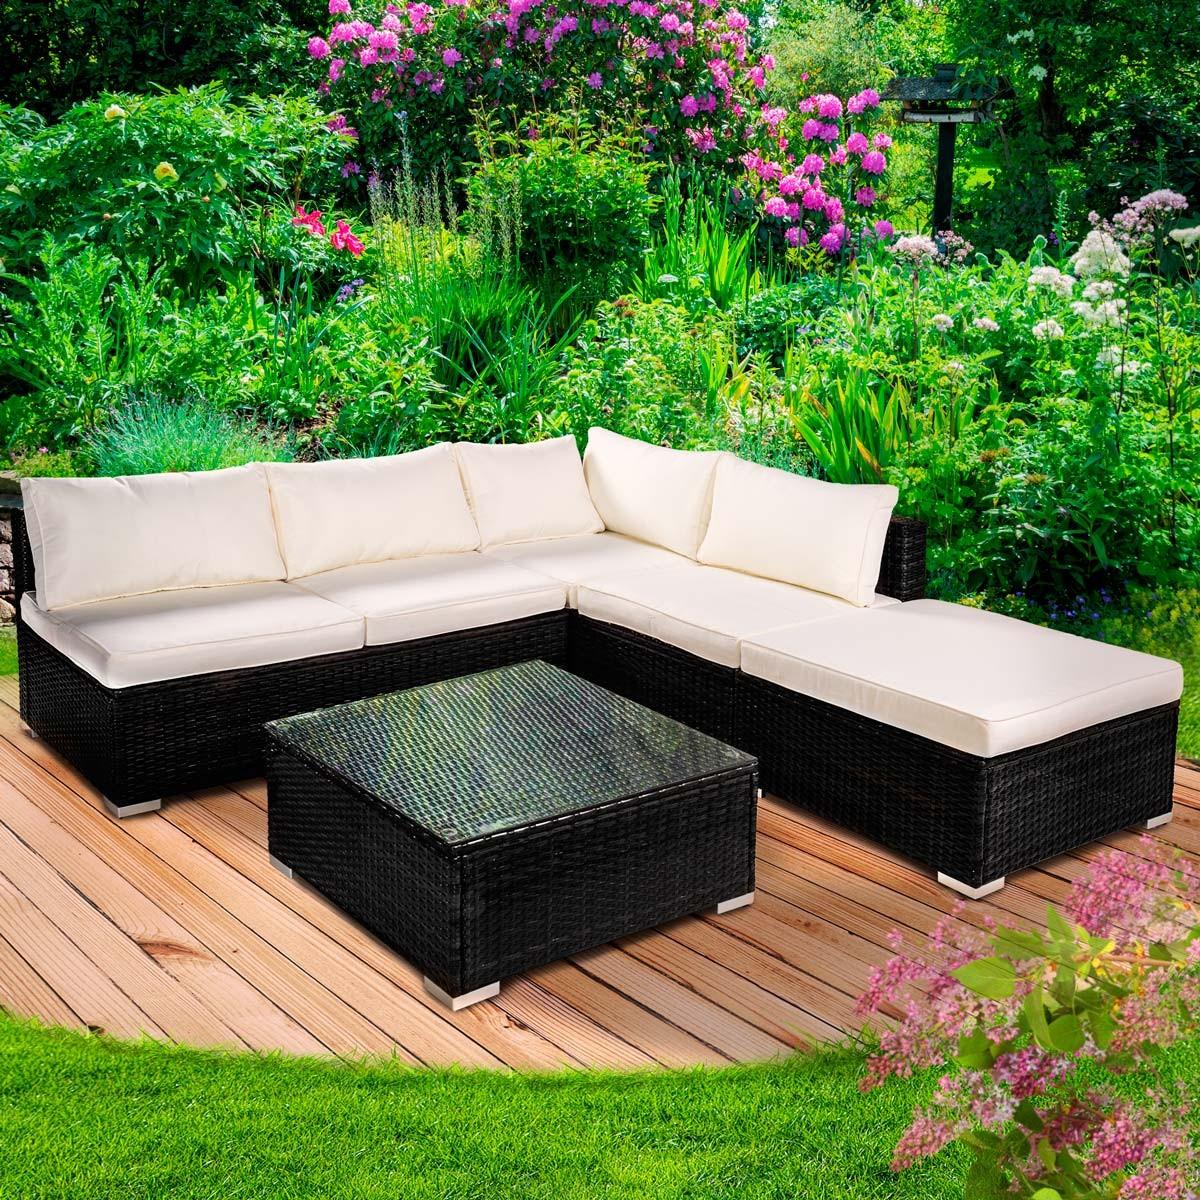 polyrattan gartenm belset oase schwarz. Black Bedroom Furniture Sets. Home Design Ideas